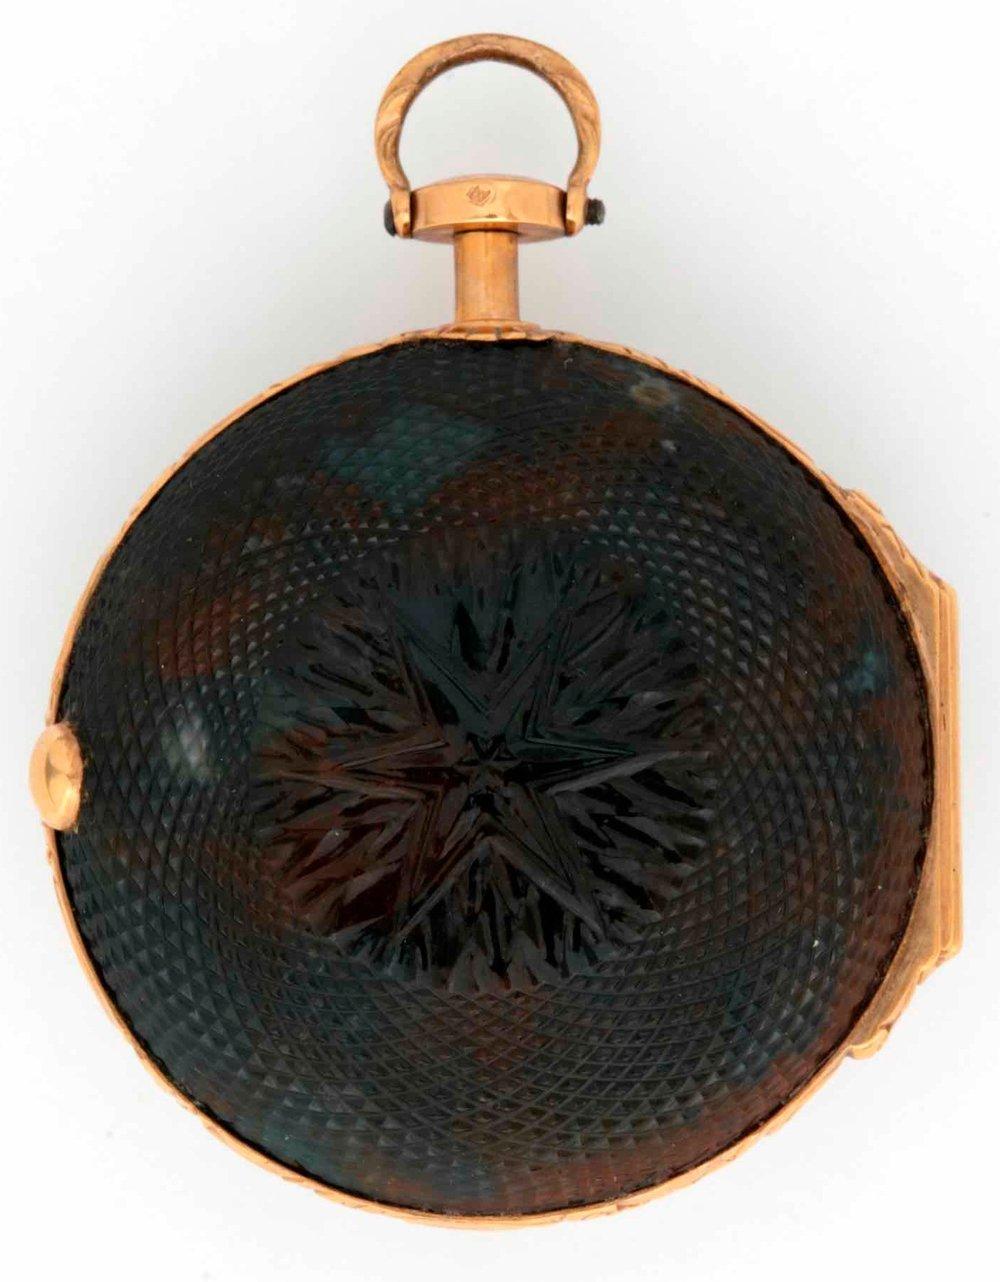 Pocket watch with Turtle shell guilloché ©  Musée international d'horlogerie de La Chaux-de-Fonds.